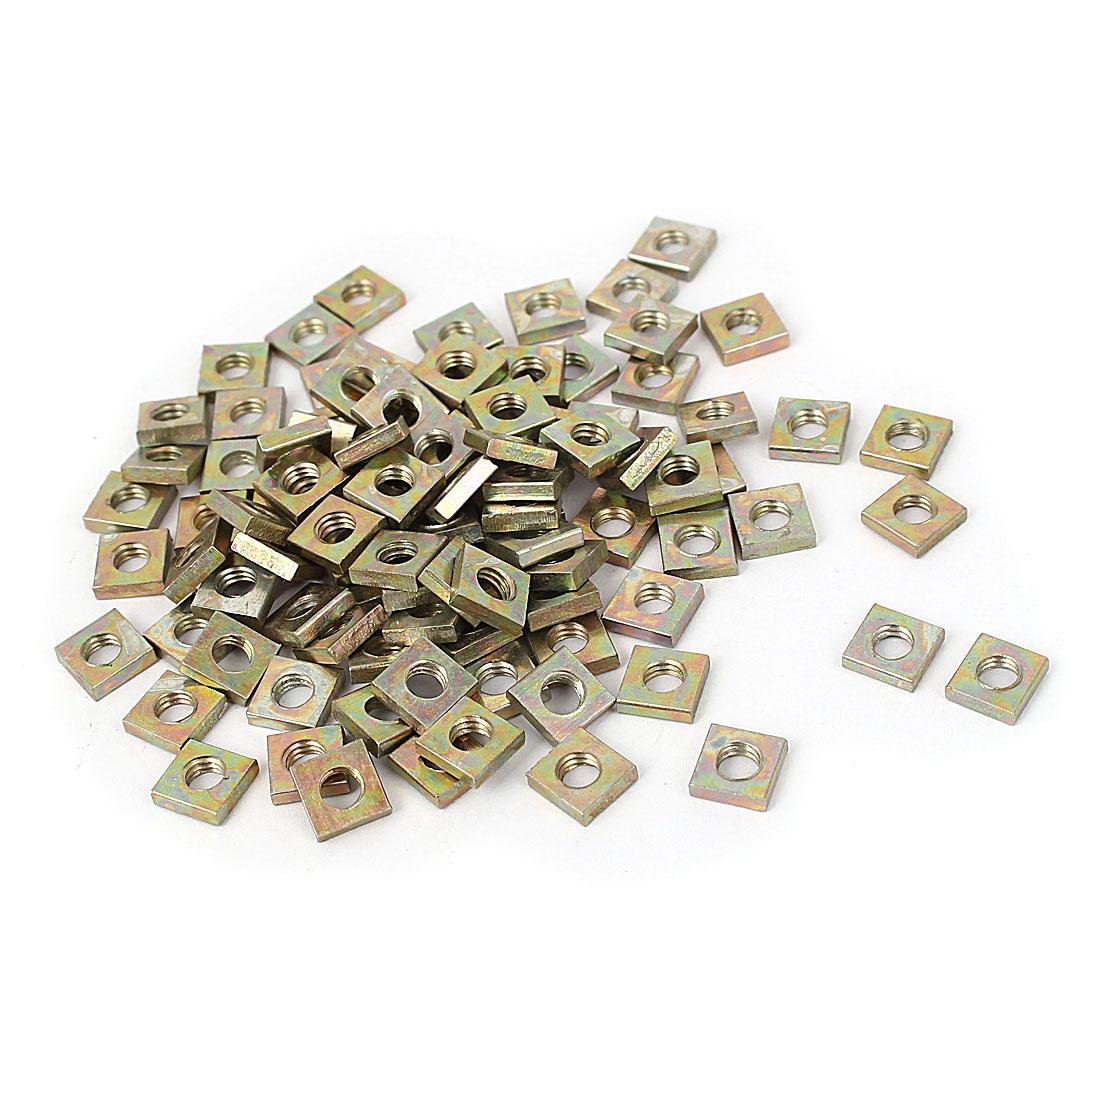 M4x7x2mm Yellow Zinc Plated Square Machine Screw Nuts Fastener 100pcs